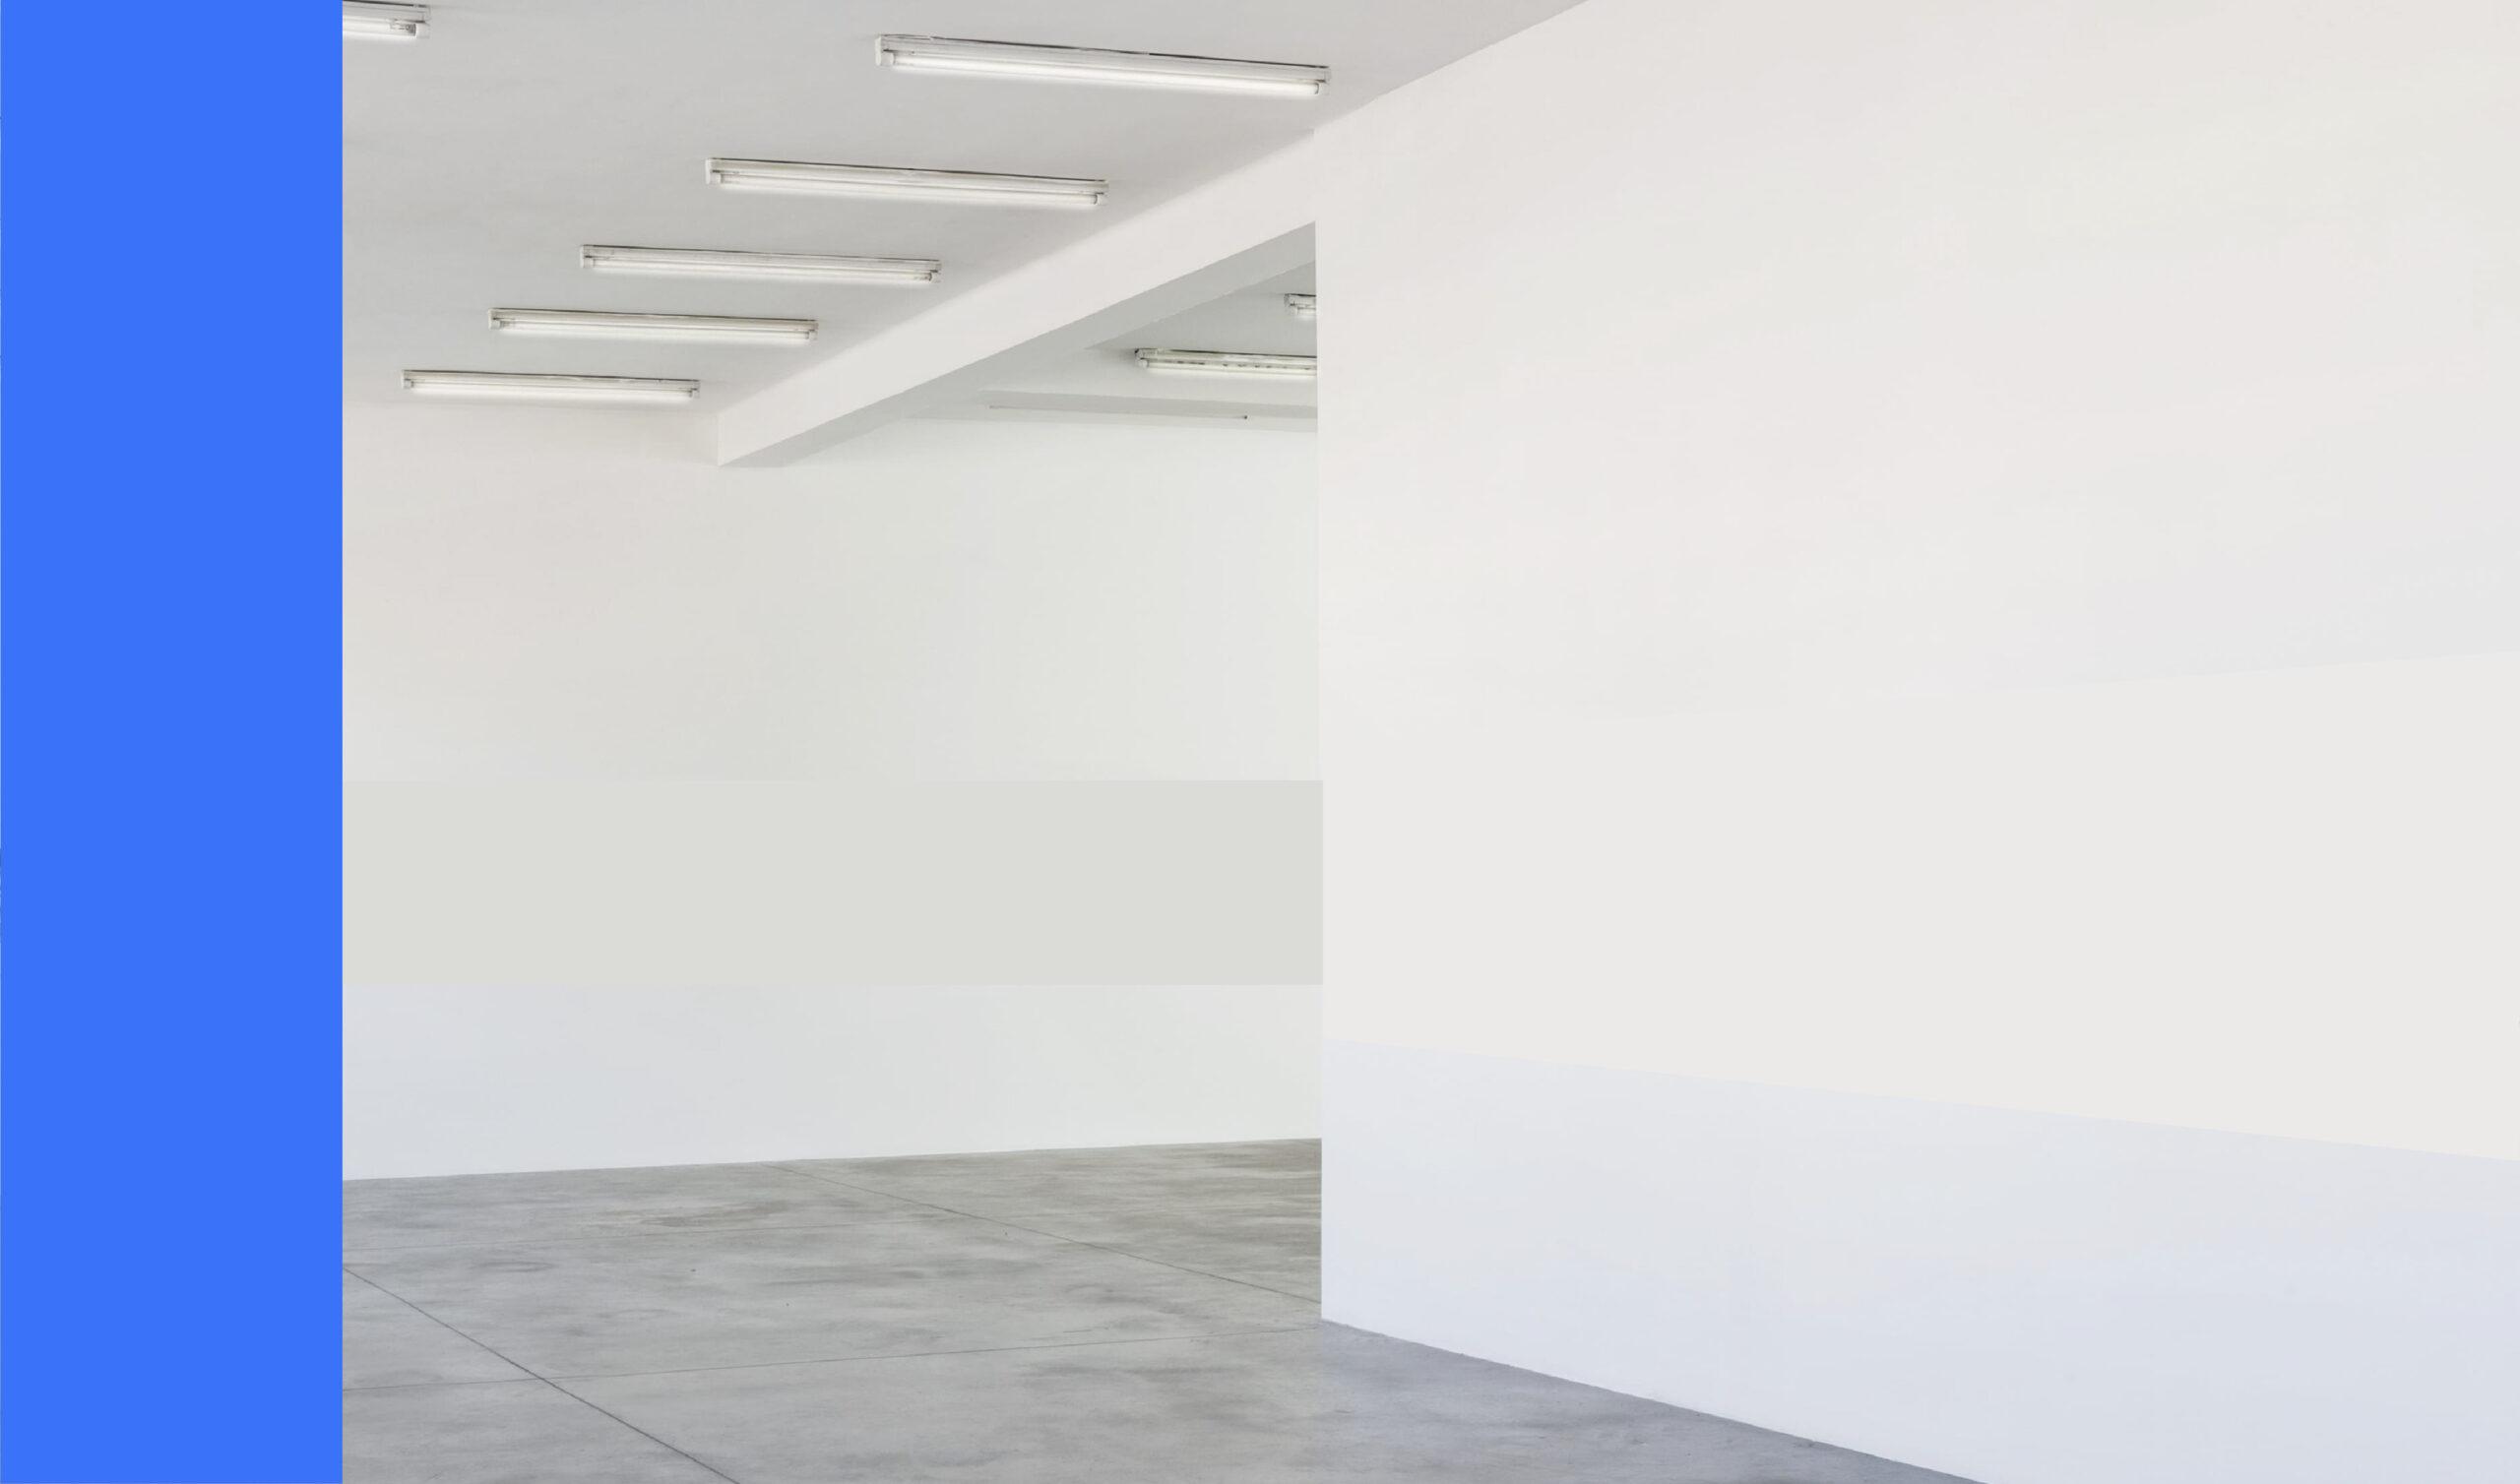 Gallerie d'arte, stagione espositiva e covid: uno schiaffo all'incertezza